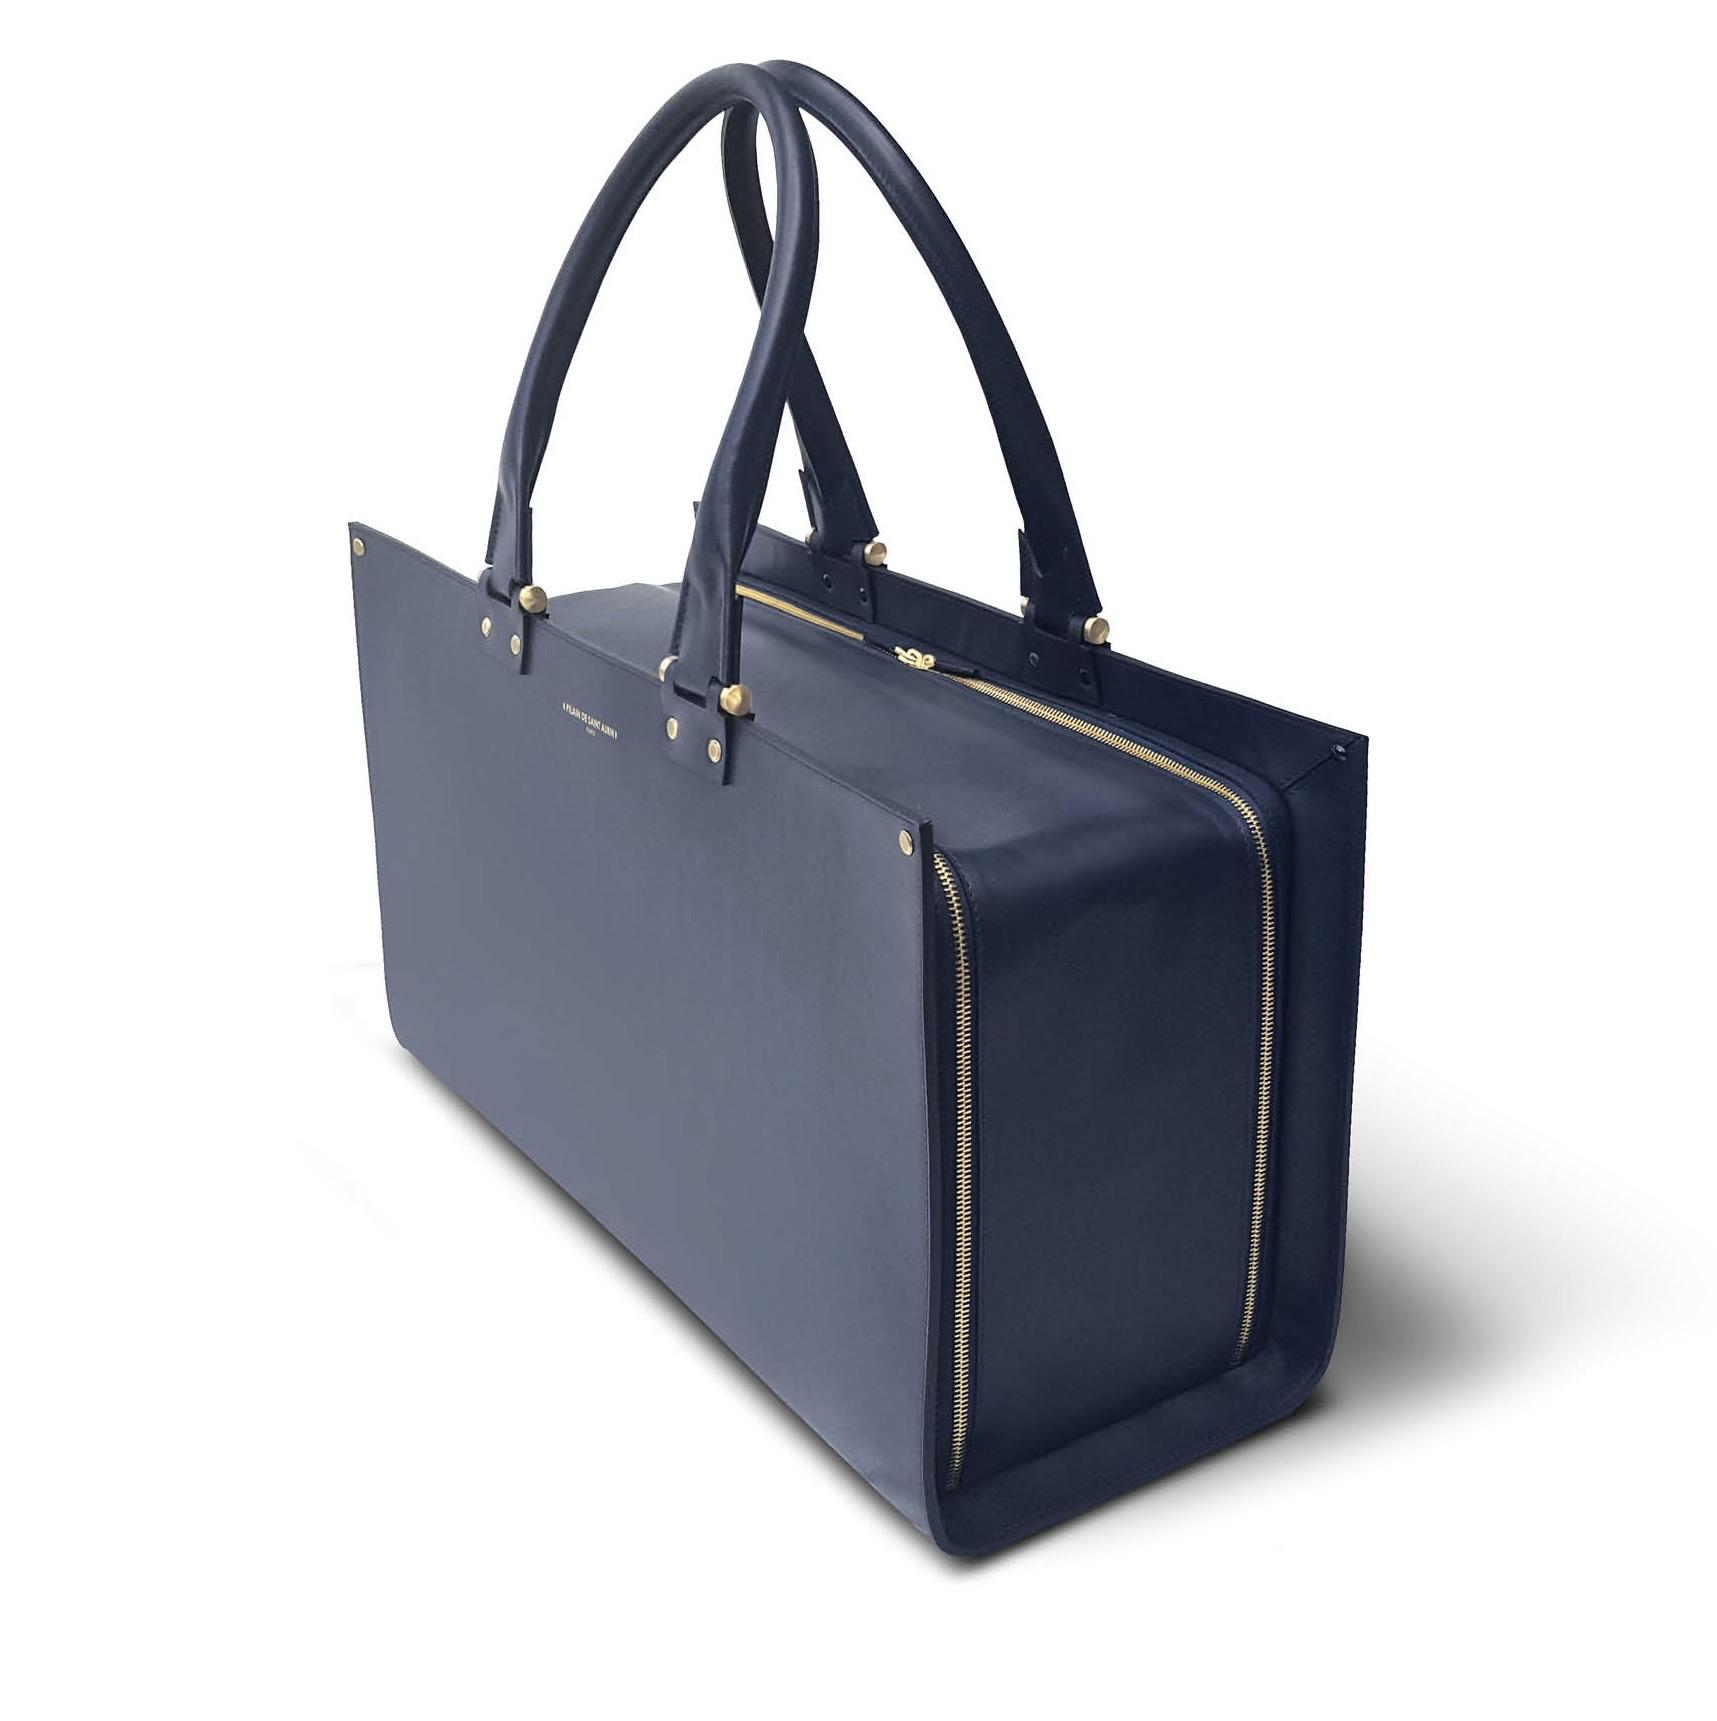 Gabin cuir bleu marine